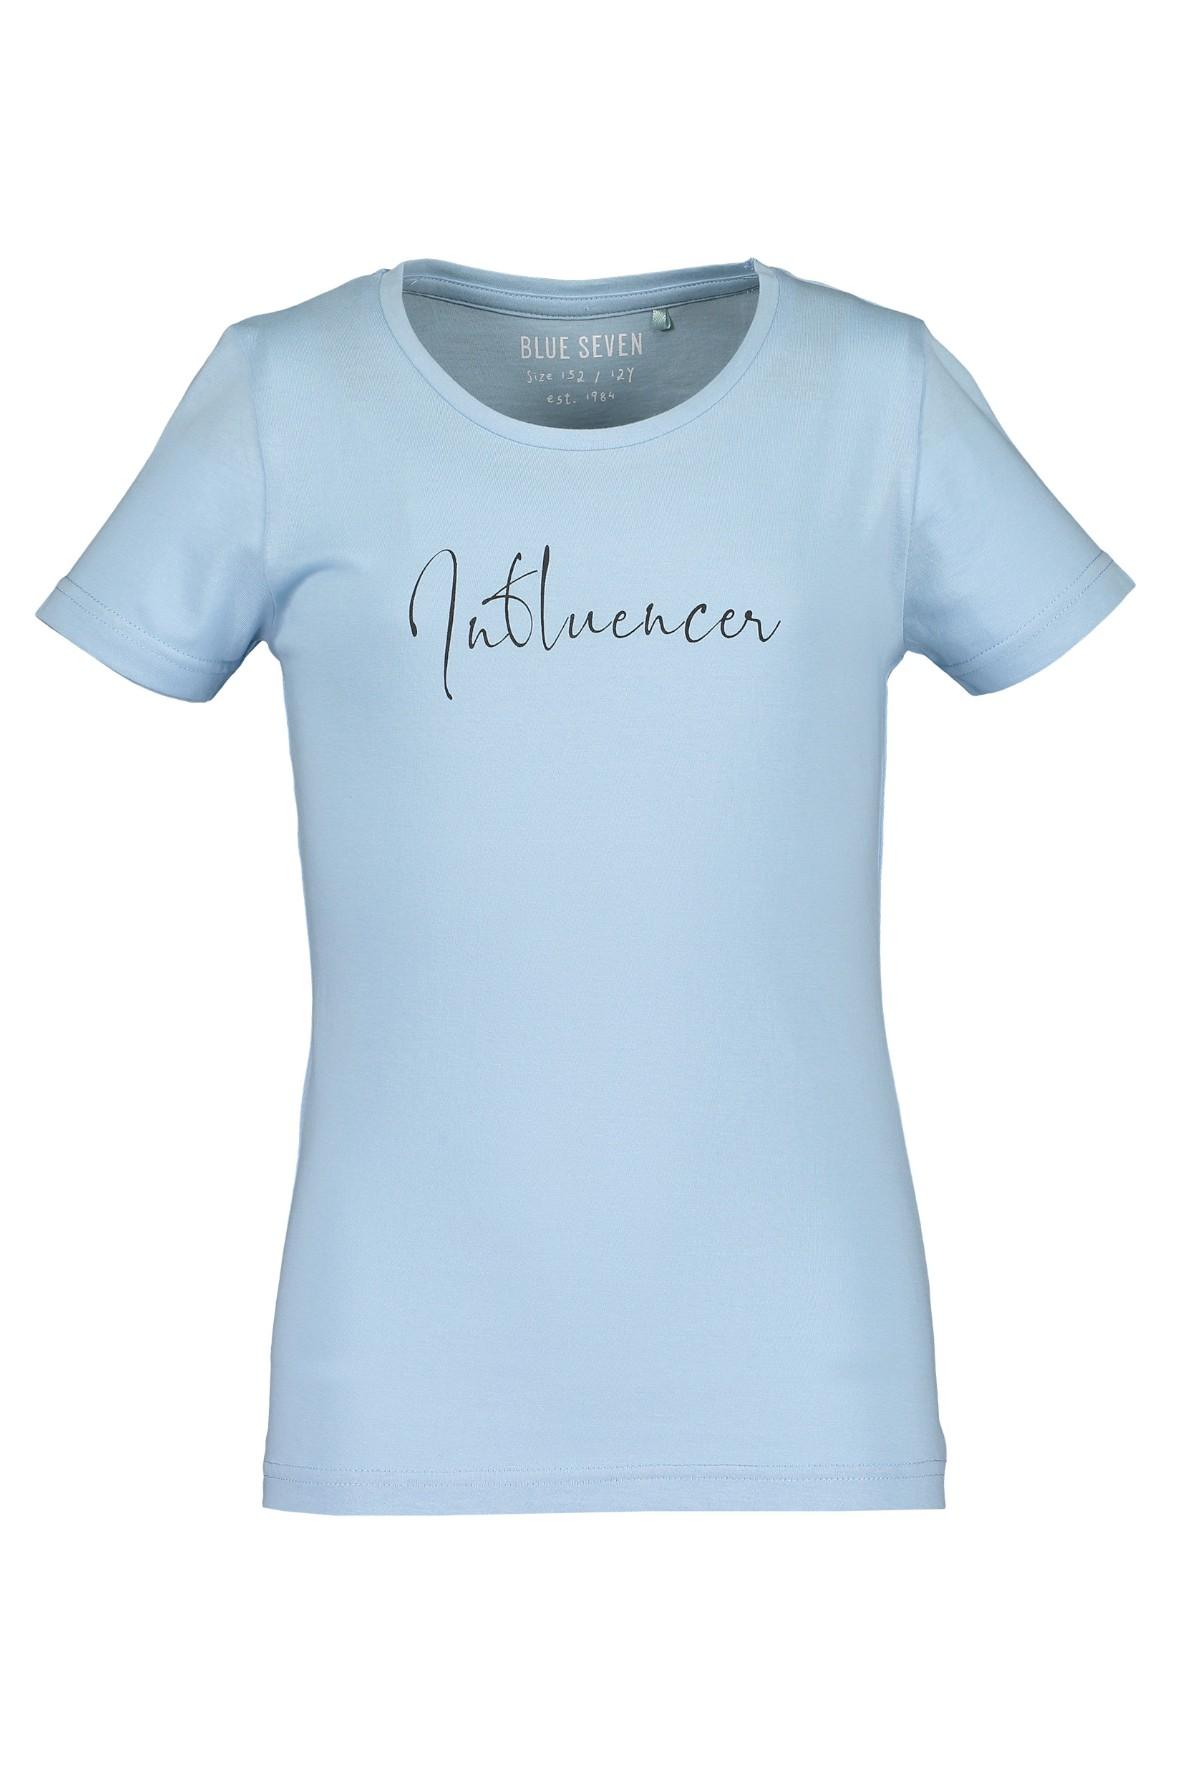 T-shirt dziewczęcy niebieski z napisem